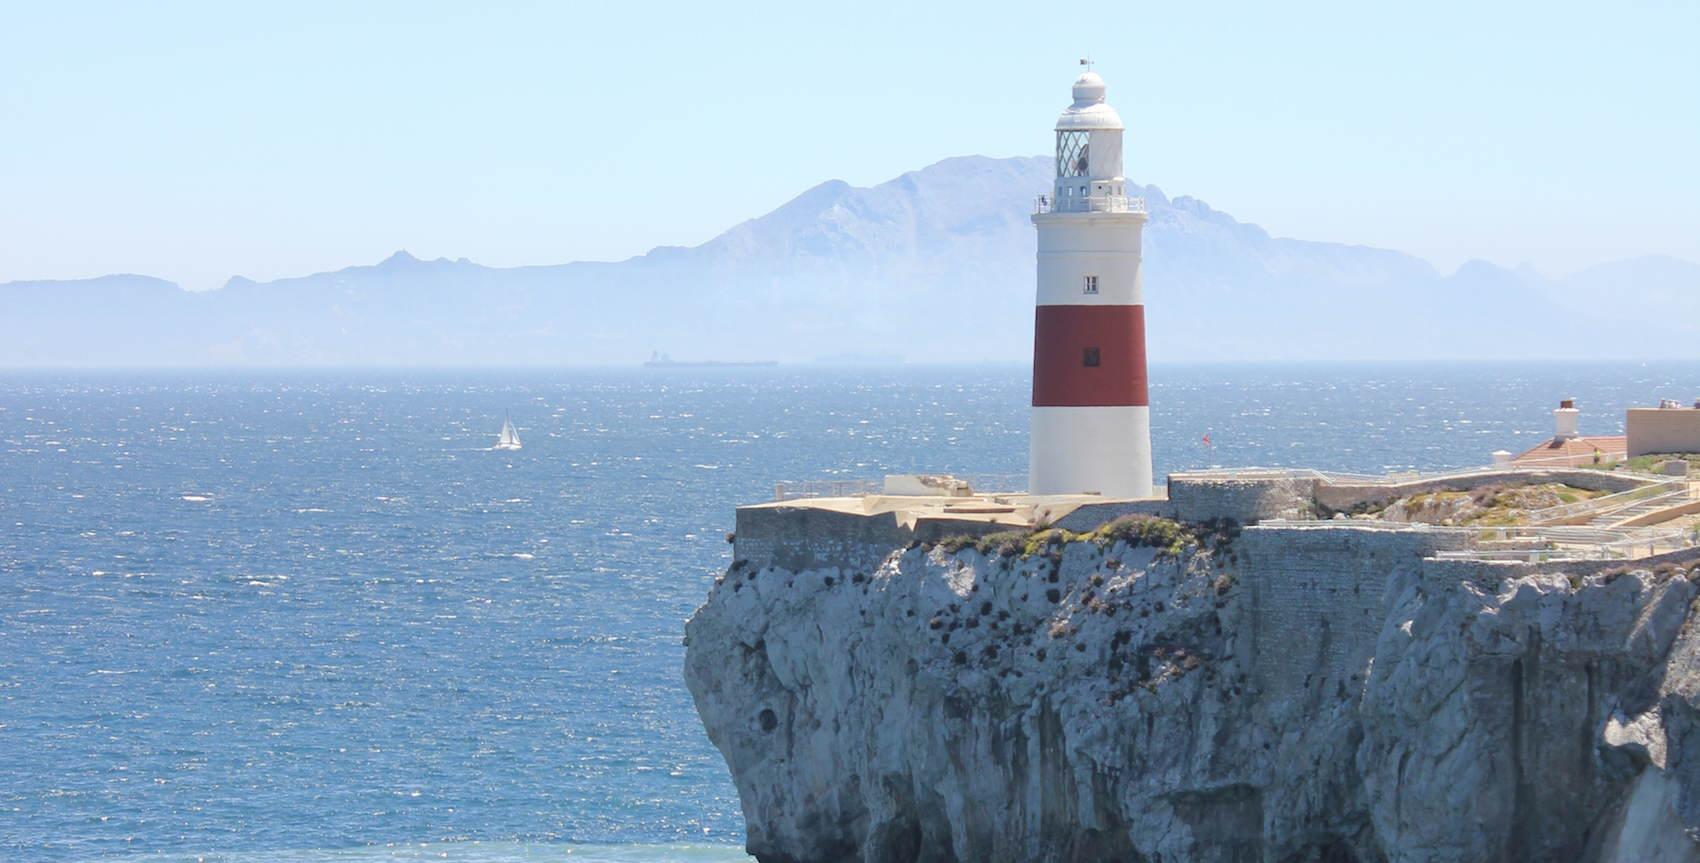 Gibraltar Point med den ena av Herules pelare, Jebel Musa,  i bakgrunden (Wikipedia)